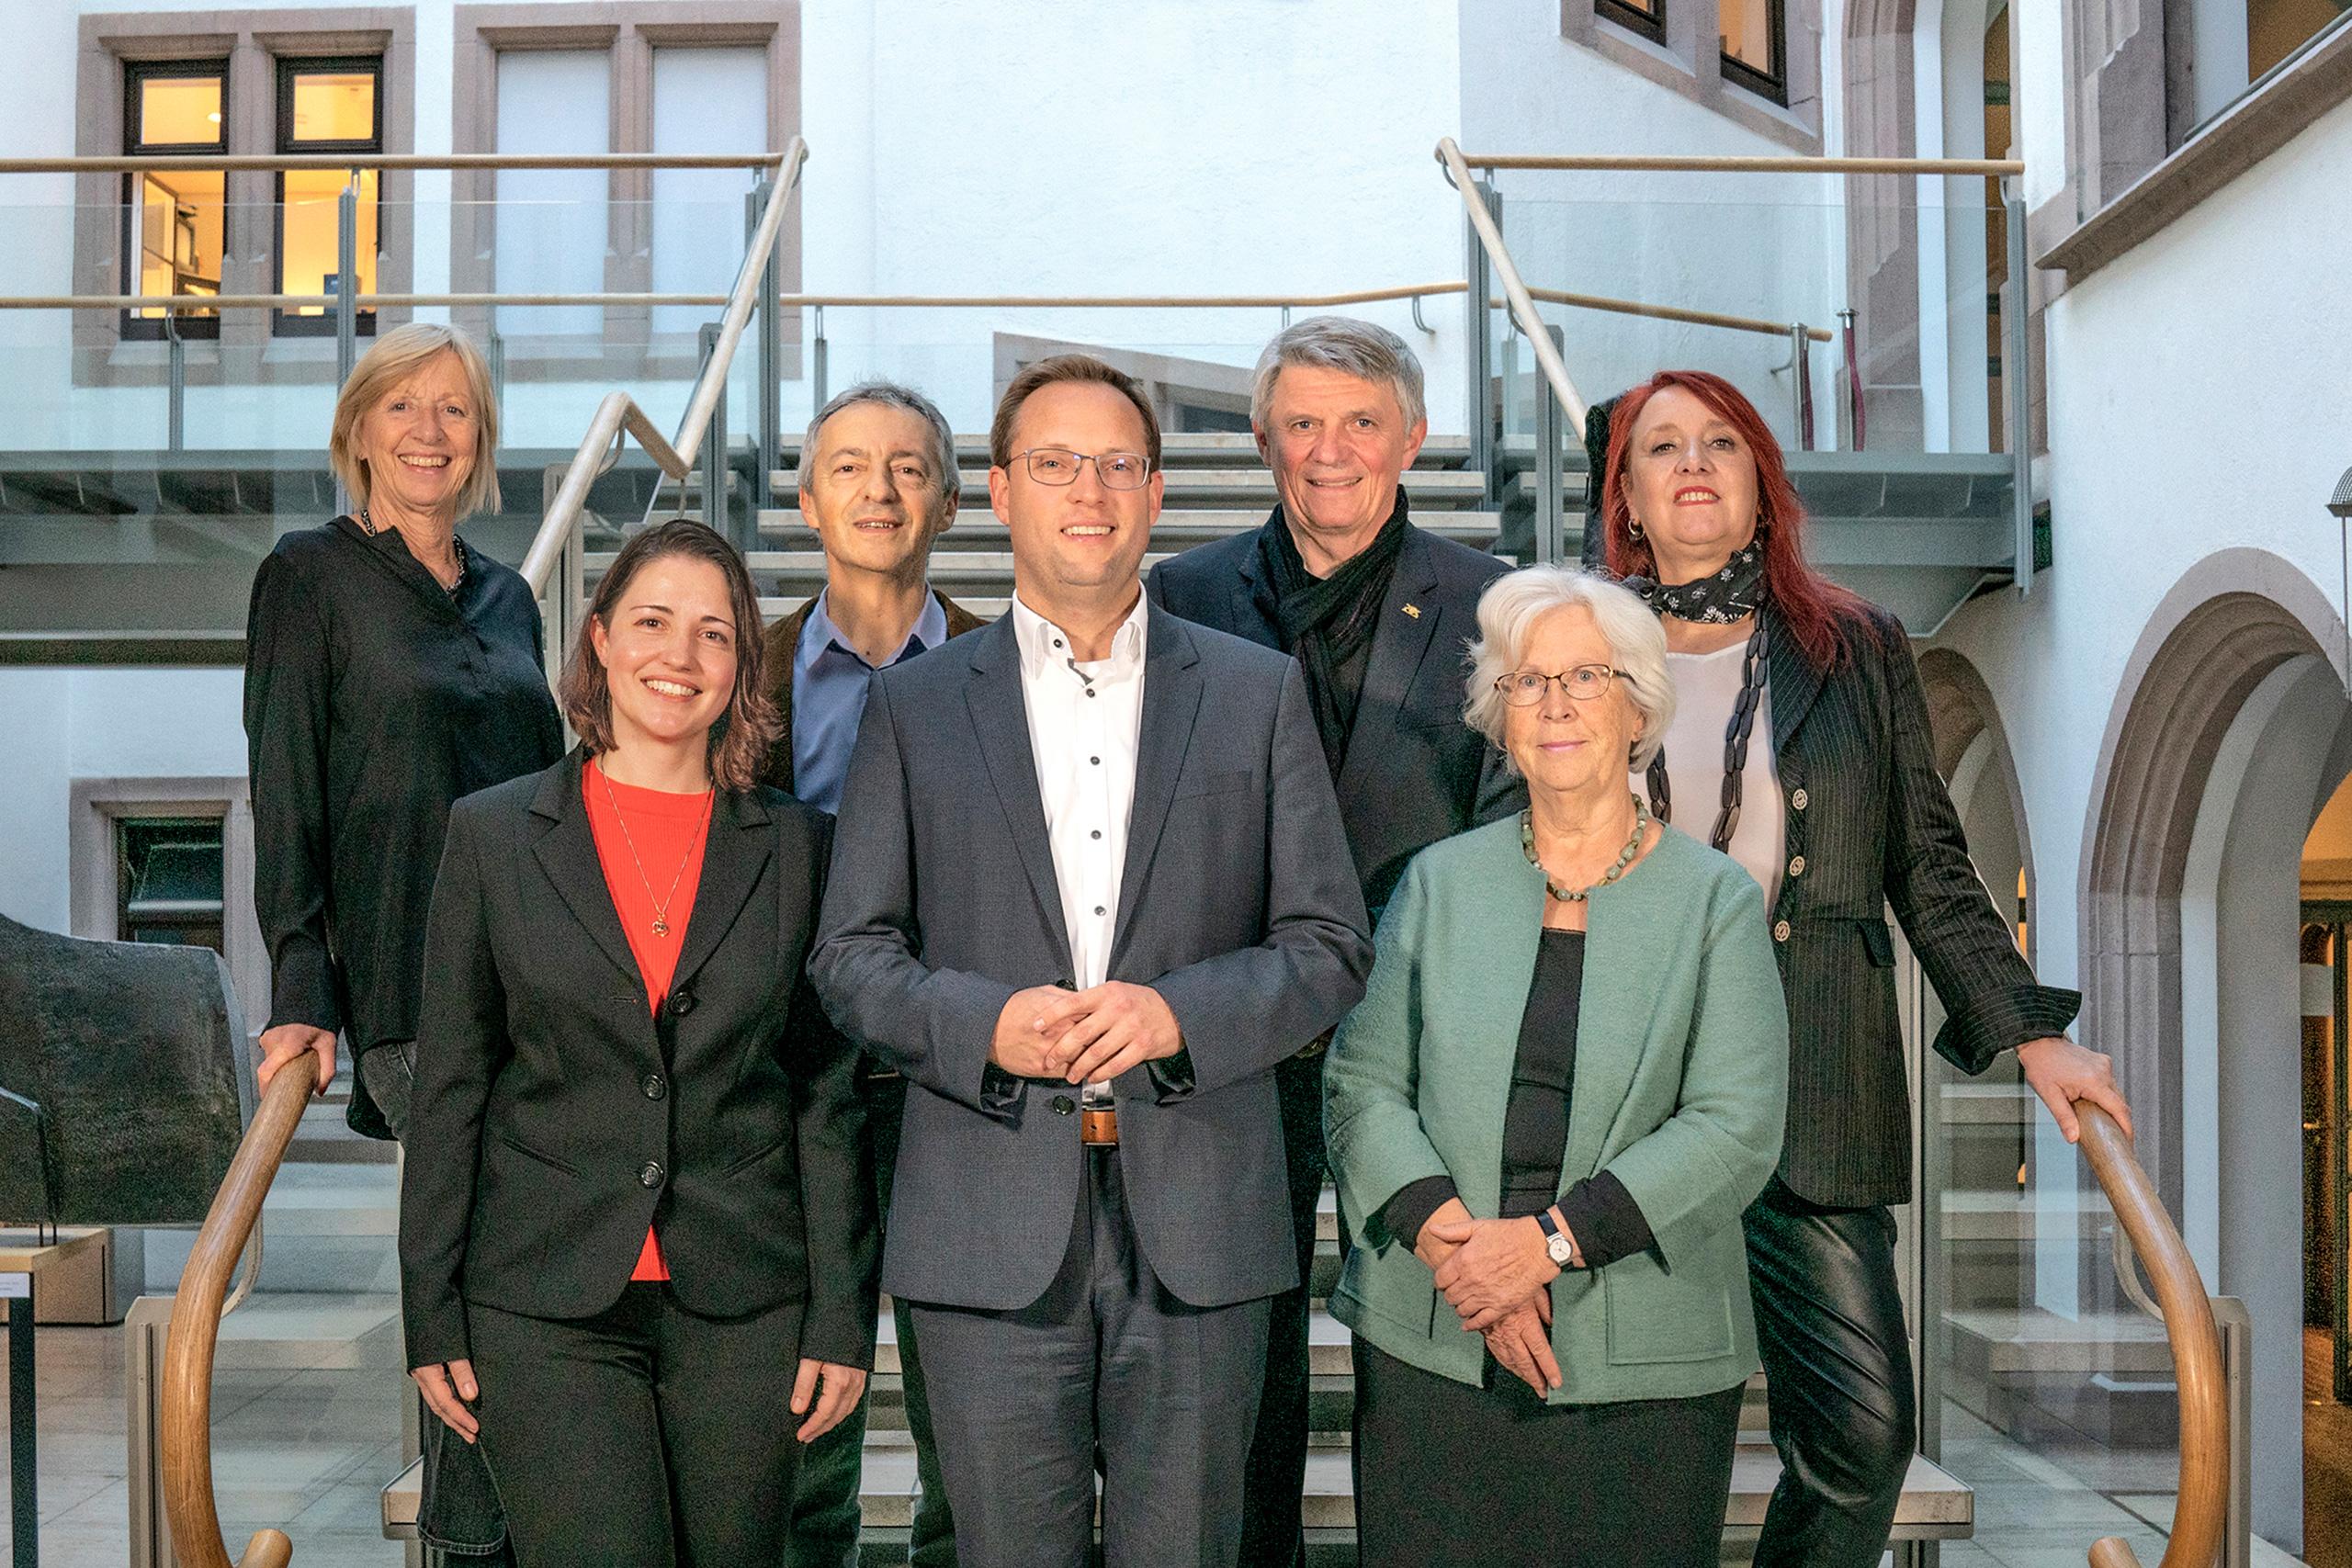 SPD Fraktion Ulm, 2019